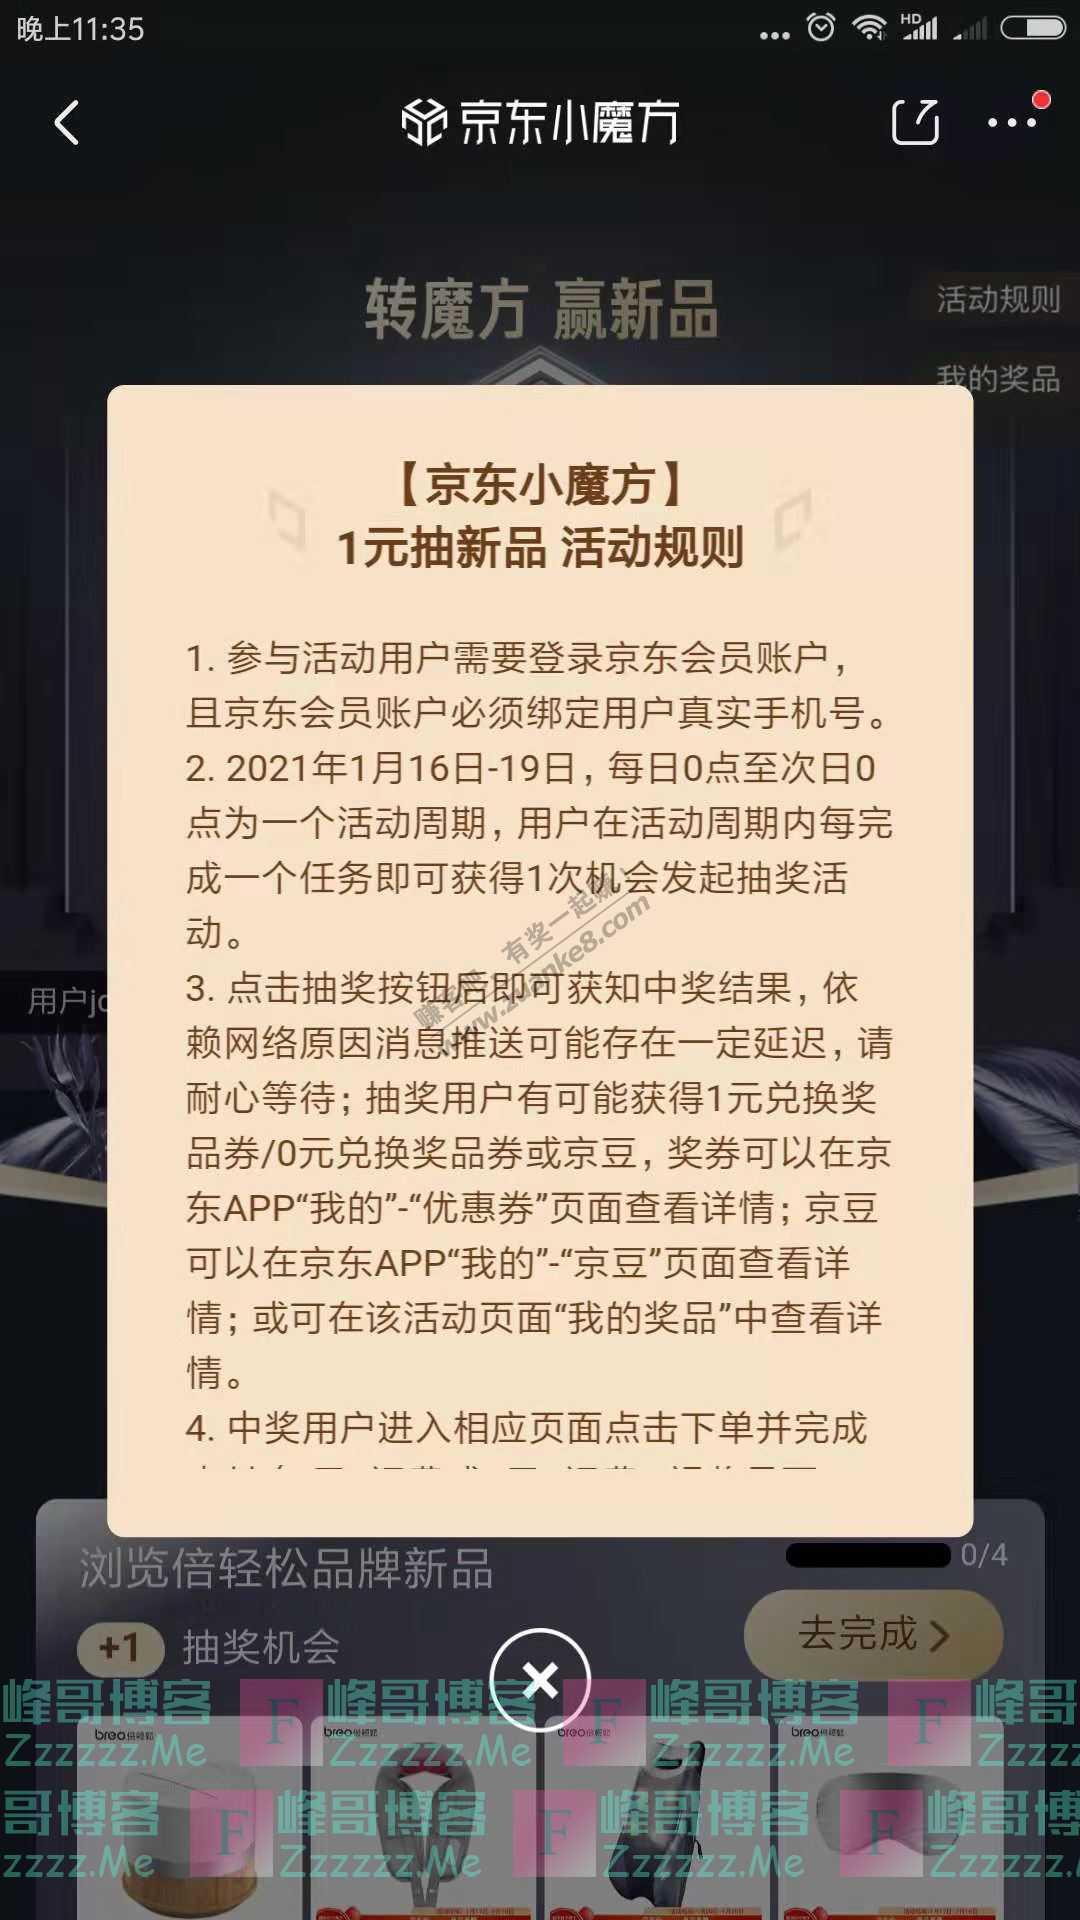 京东app转魔方赢新品(截止1月19日)